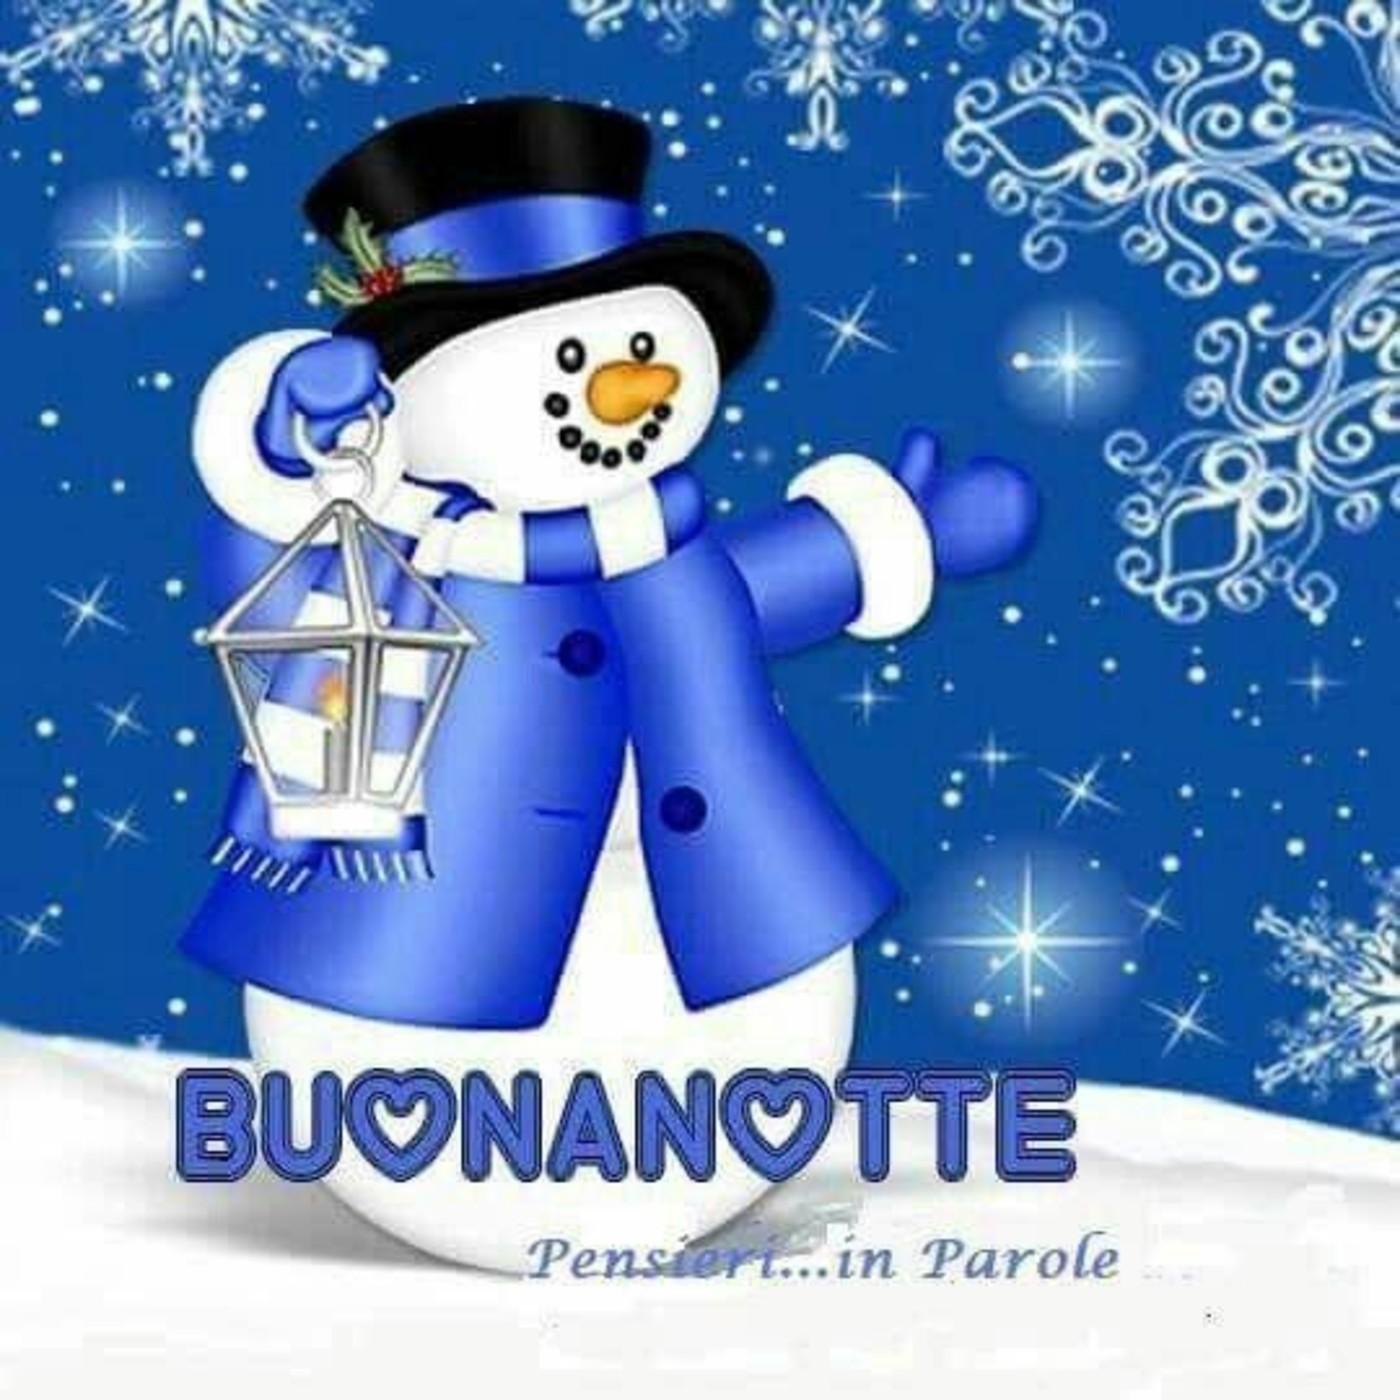 Immagini Di Buona Notte Di Natale.Buonanotte Immagini Di Natale Buongiorno Immagini It